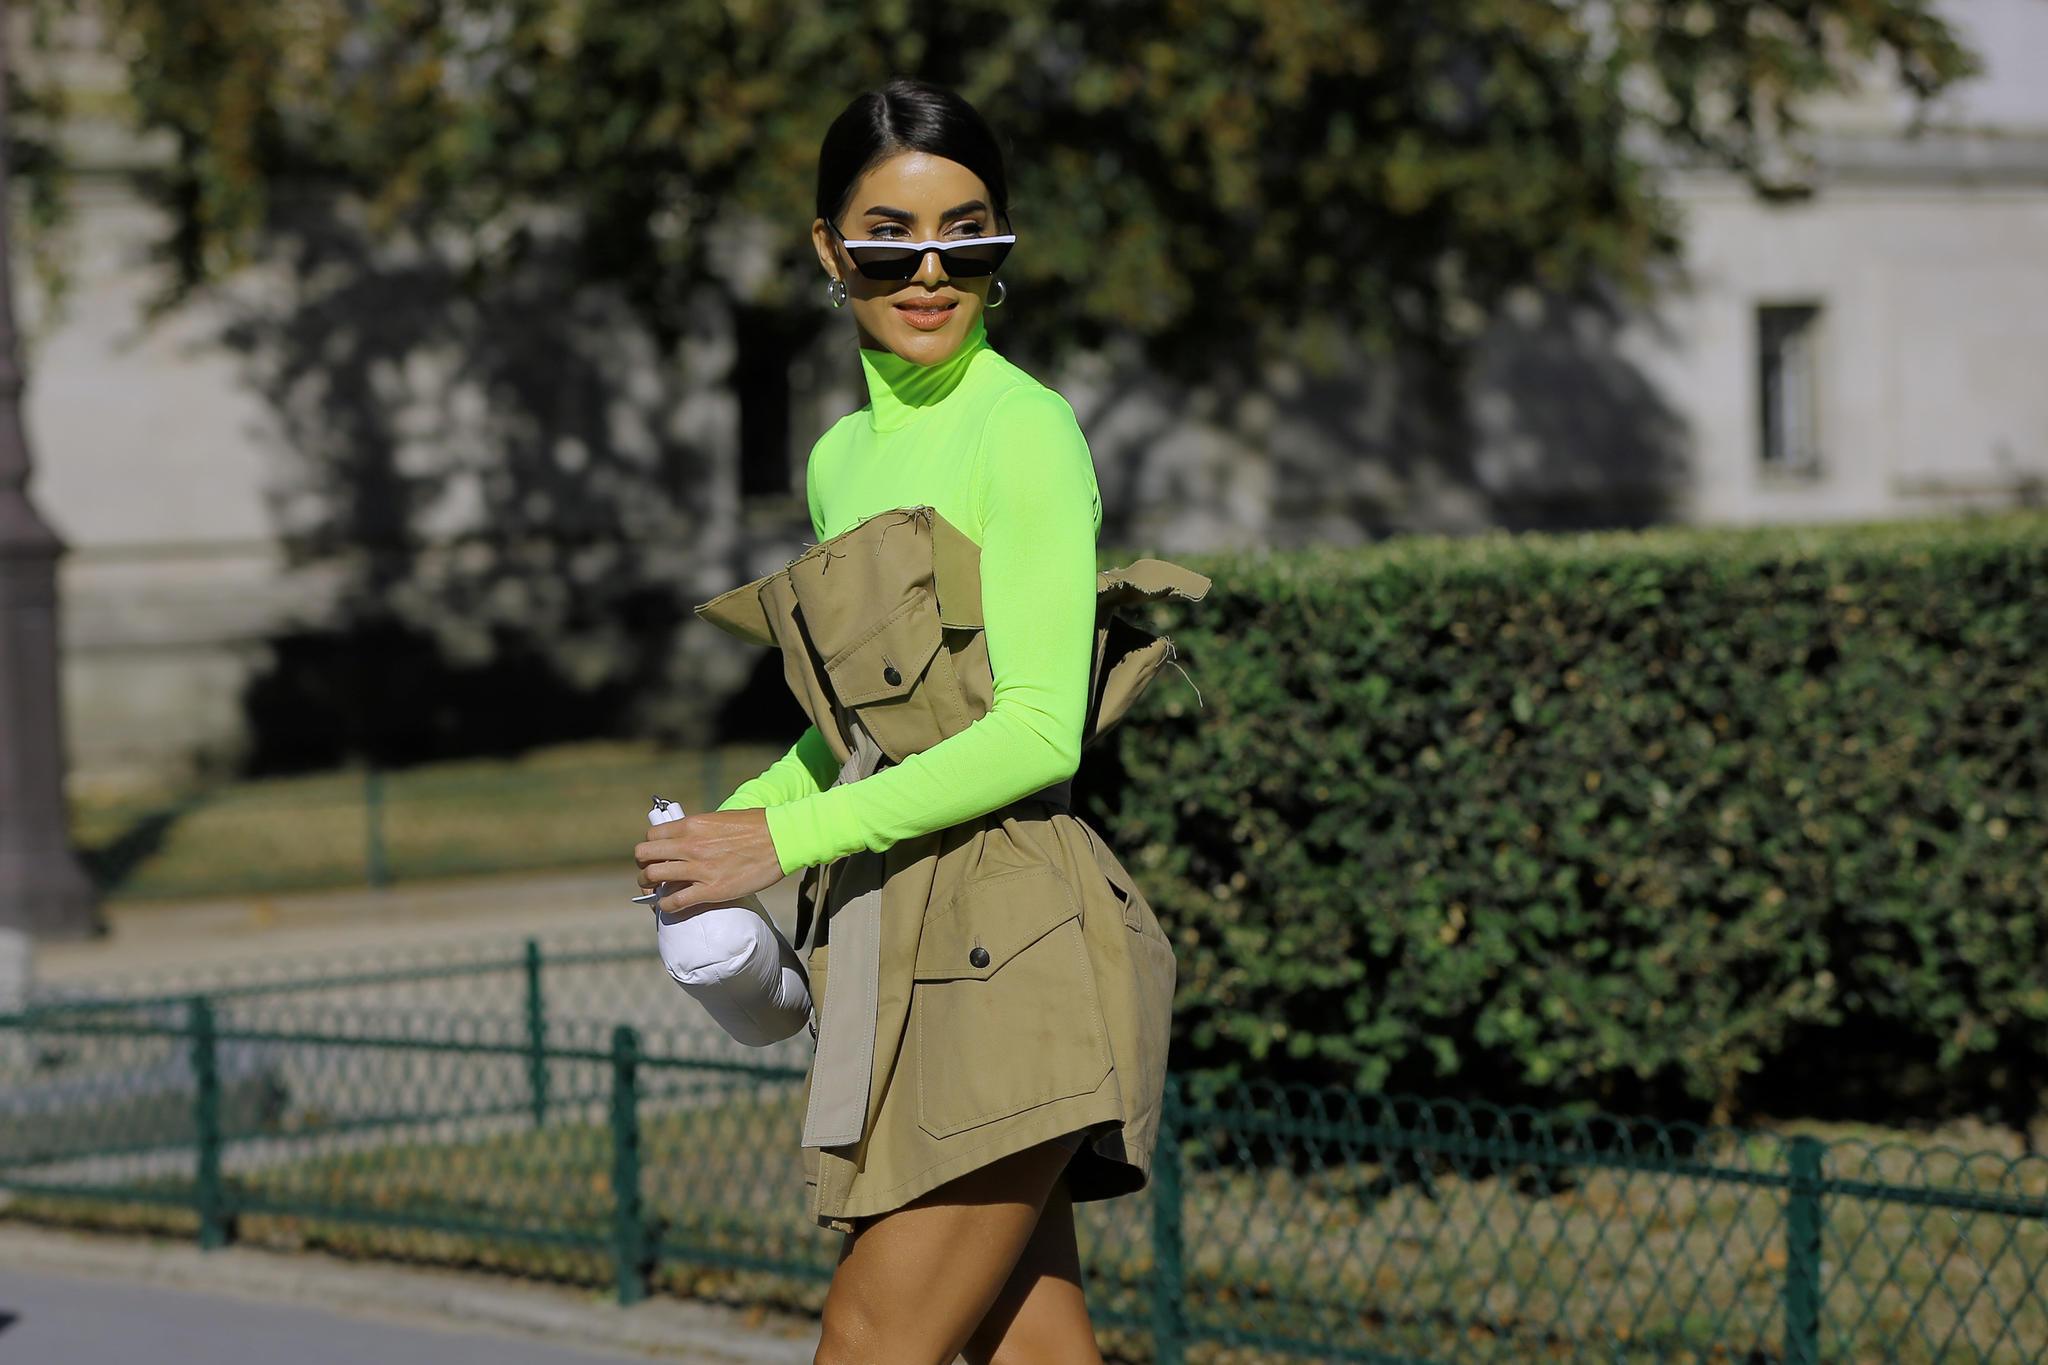 bester Preis Shop für authentische ästhetisches Aussehen Mode-Trend: Neonfarben - knallige Grün-, Gelb- und Pinktöne ...